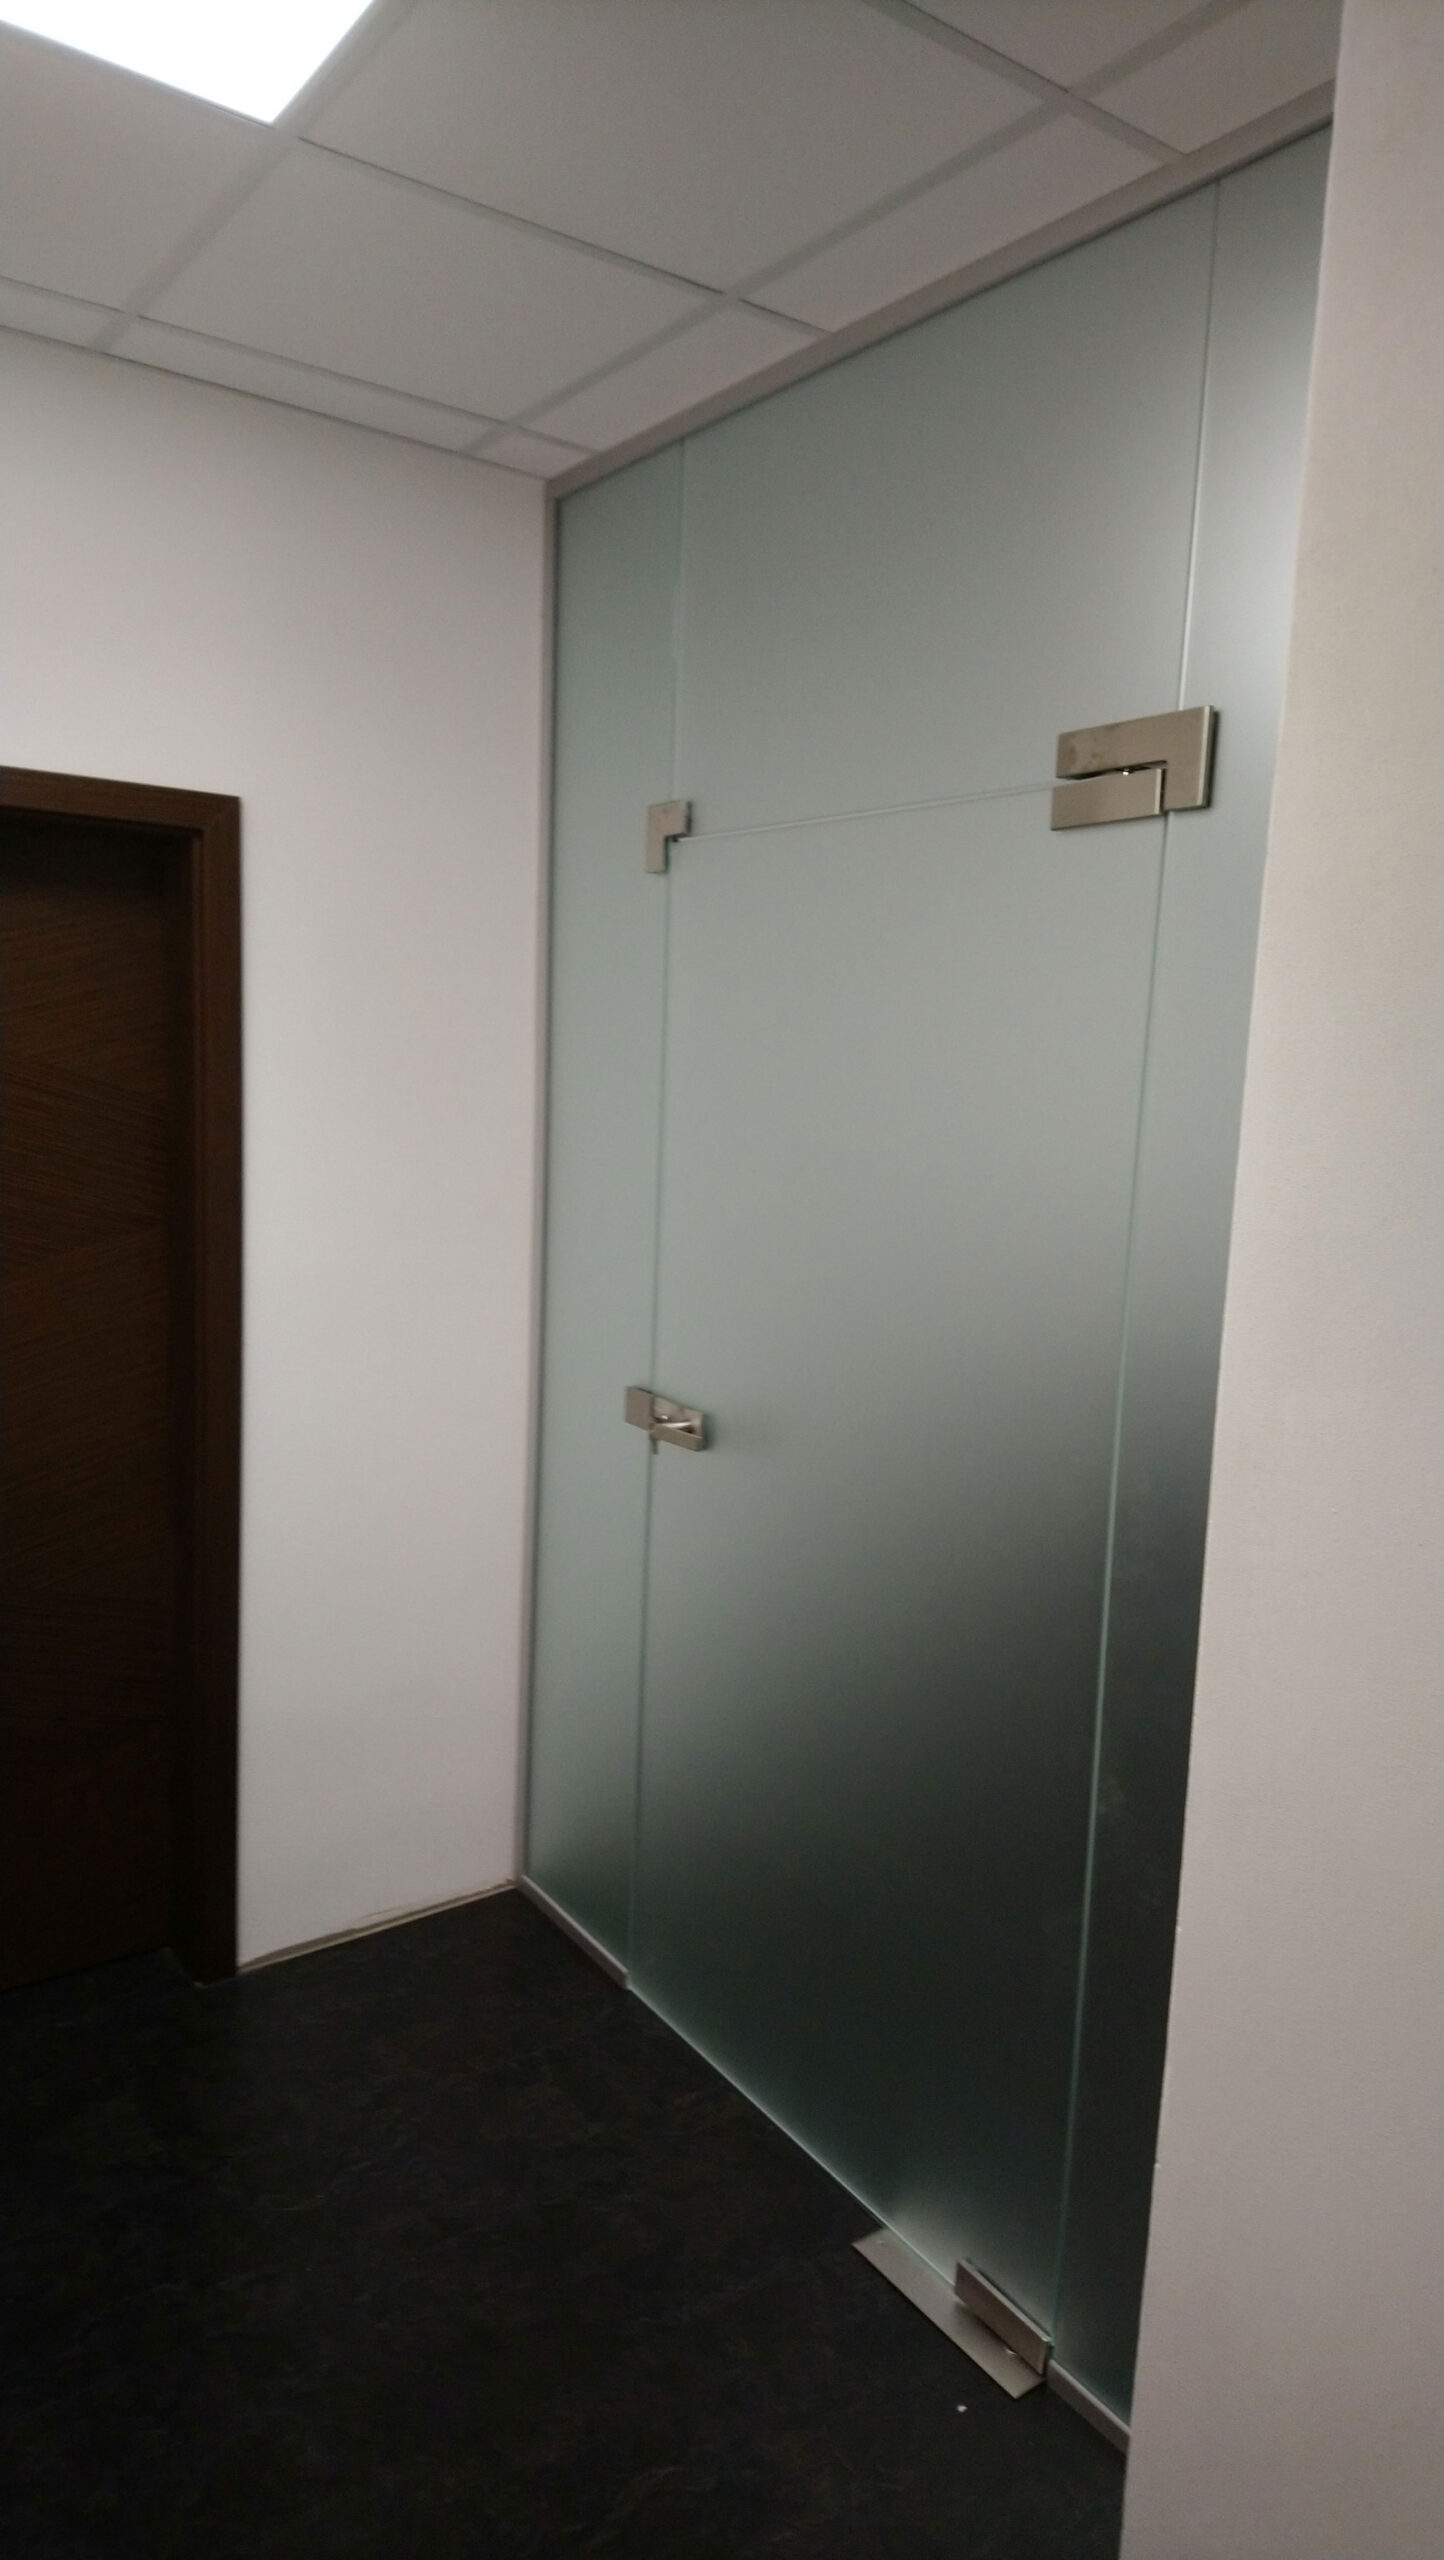 Sklenarstvi-Prerost-sklenene- steny-a-dvere (69)